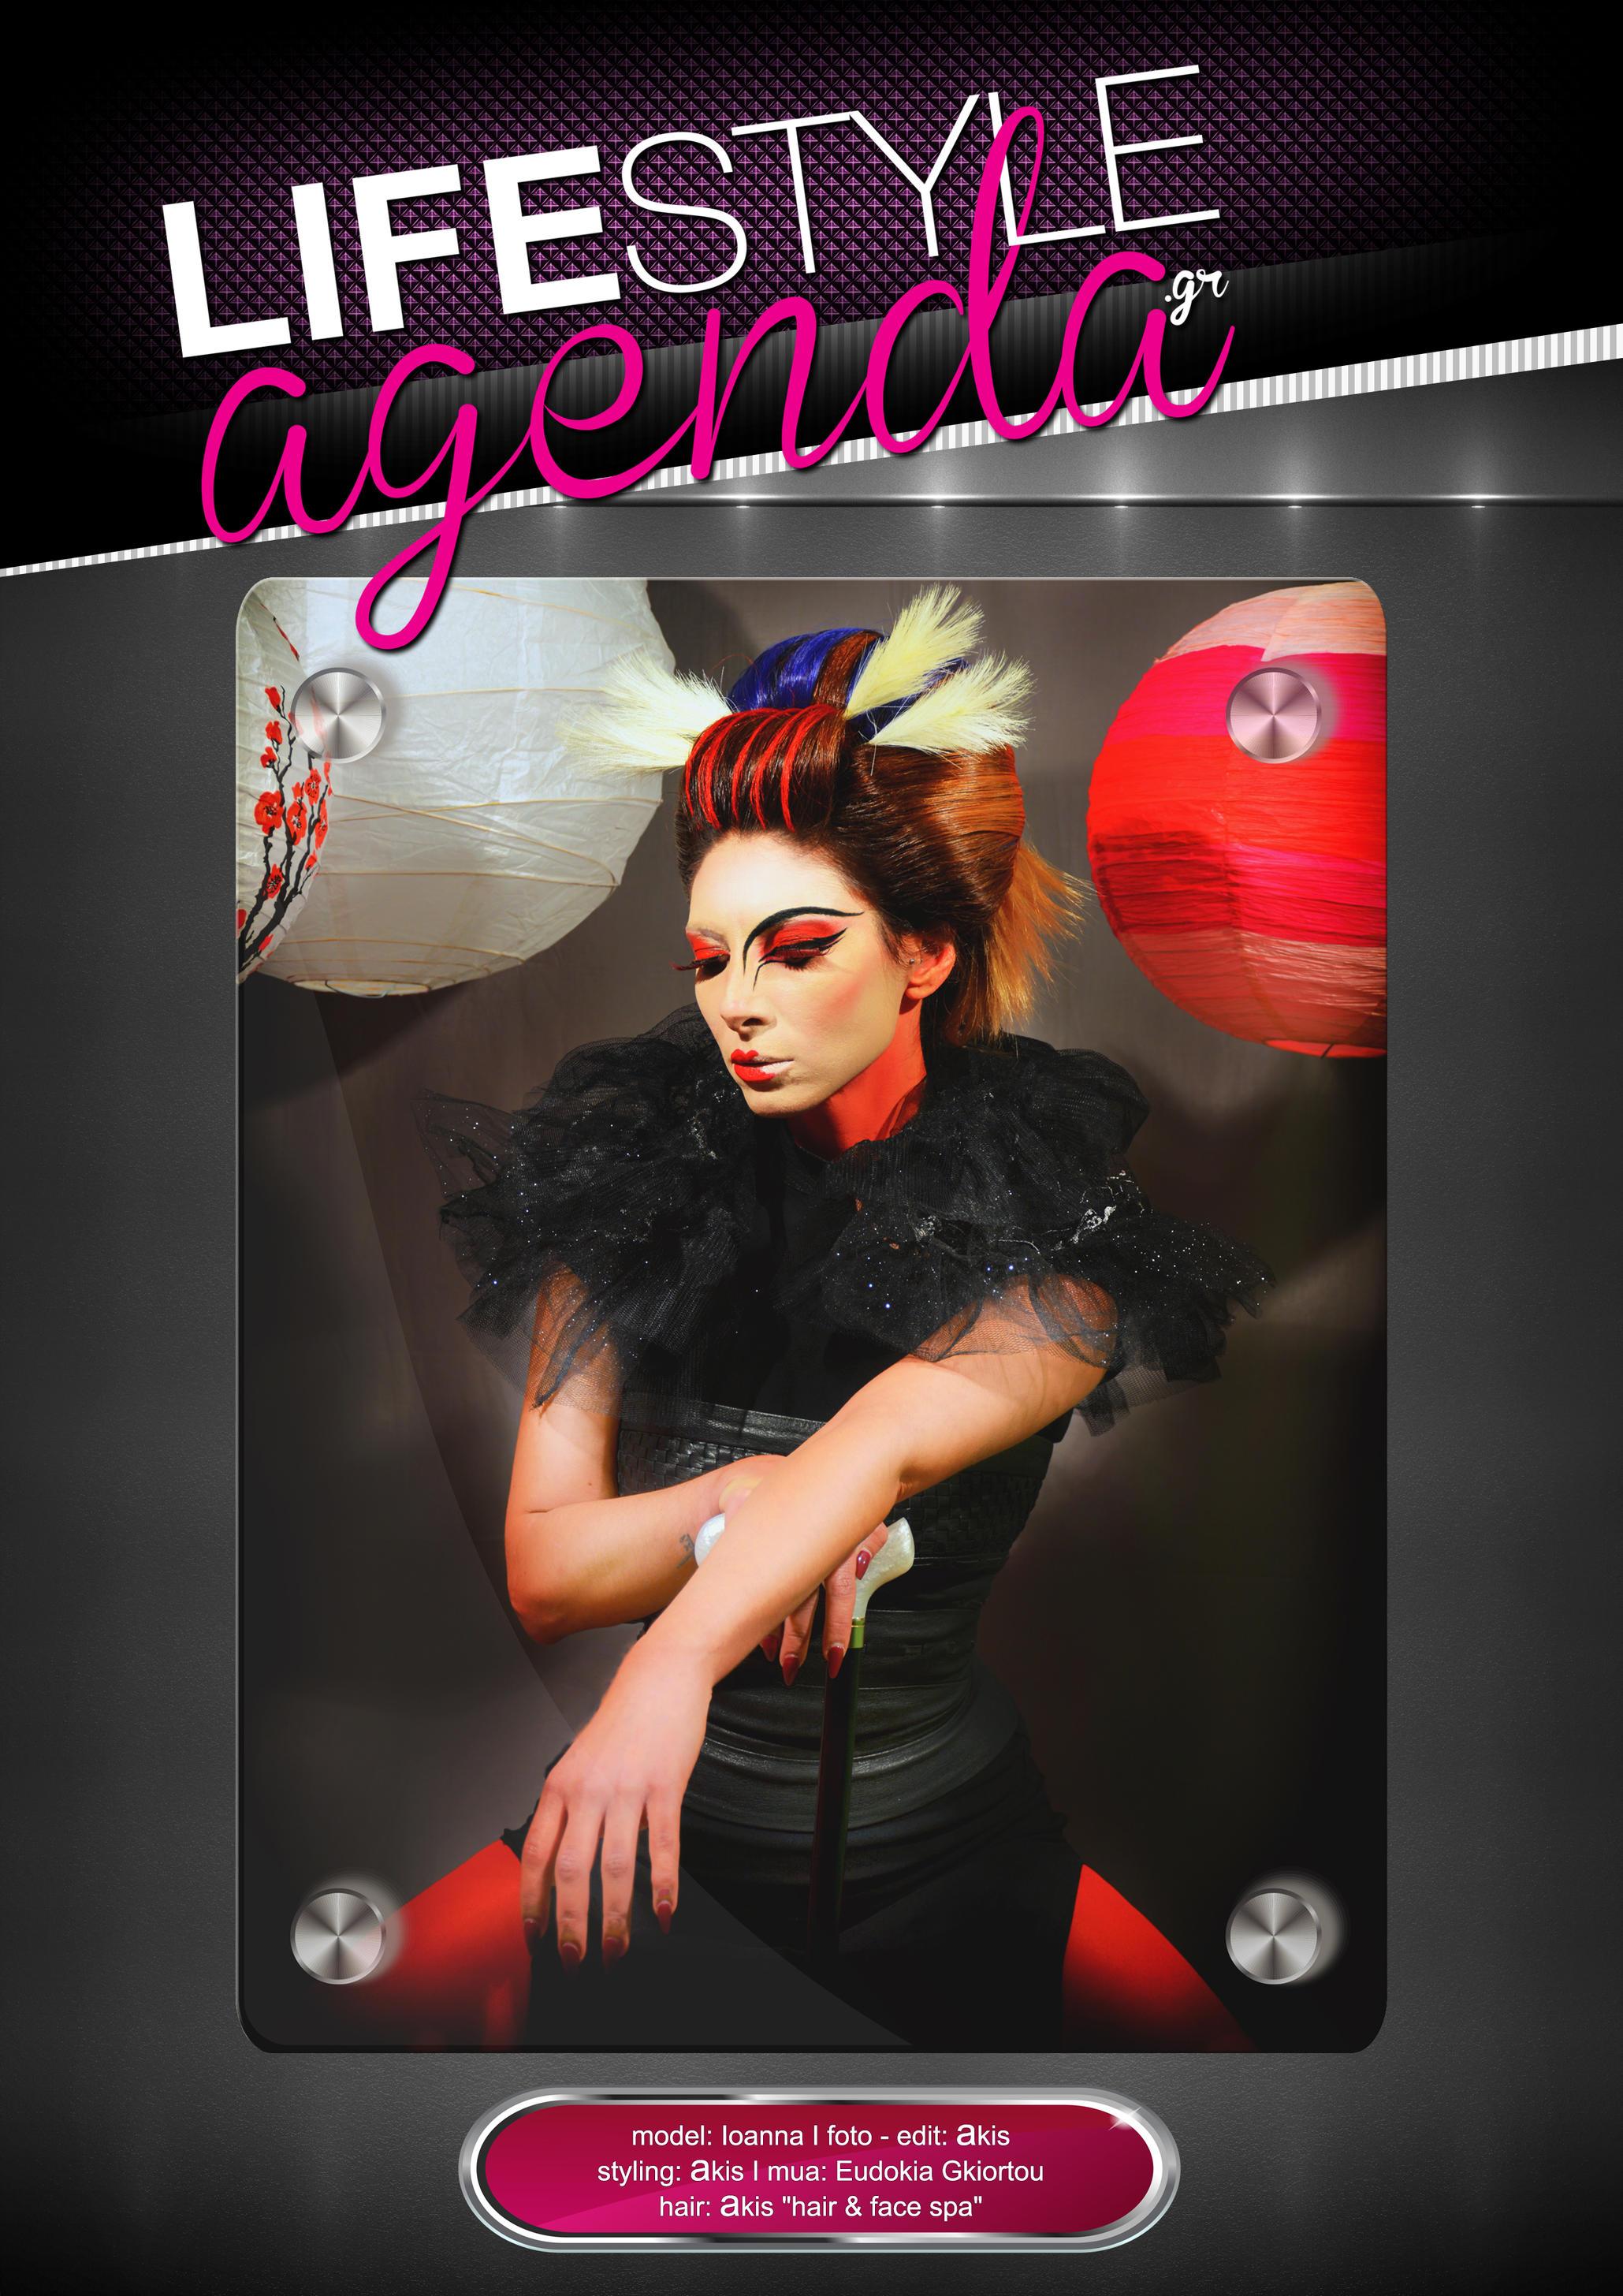 LifeStyle Agenda issue#41st / Magazine Back Cover by LifeStyleAgenda